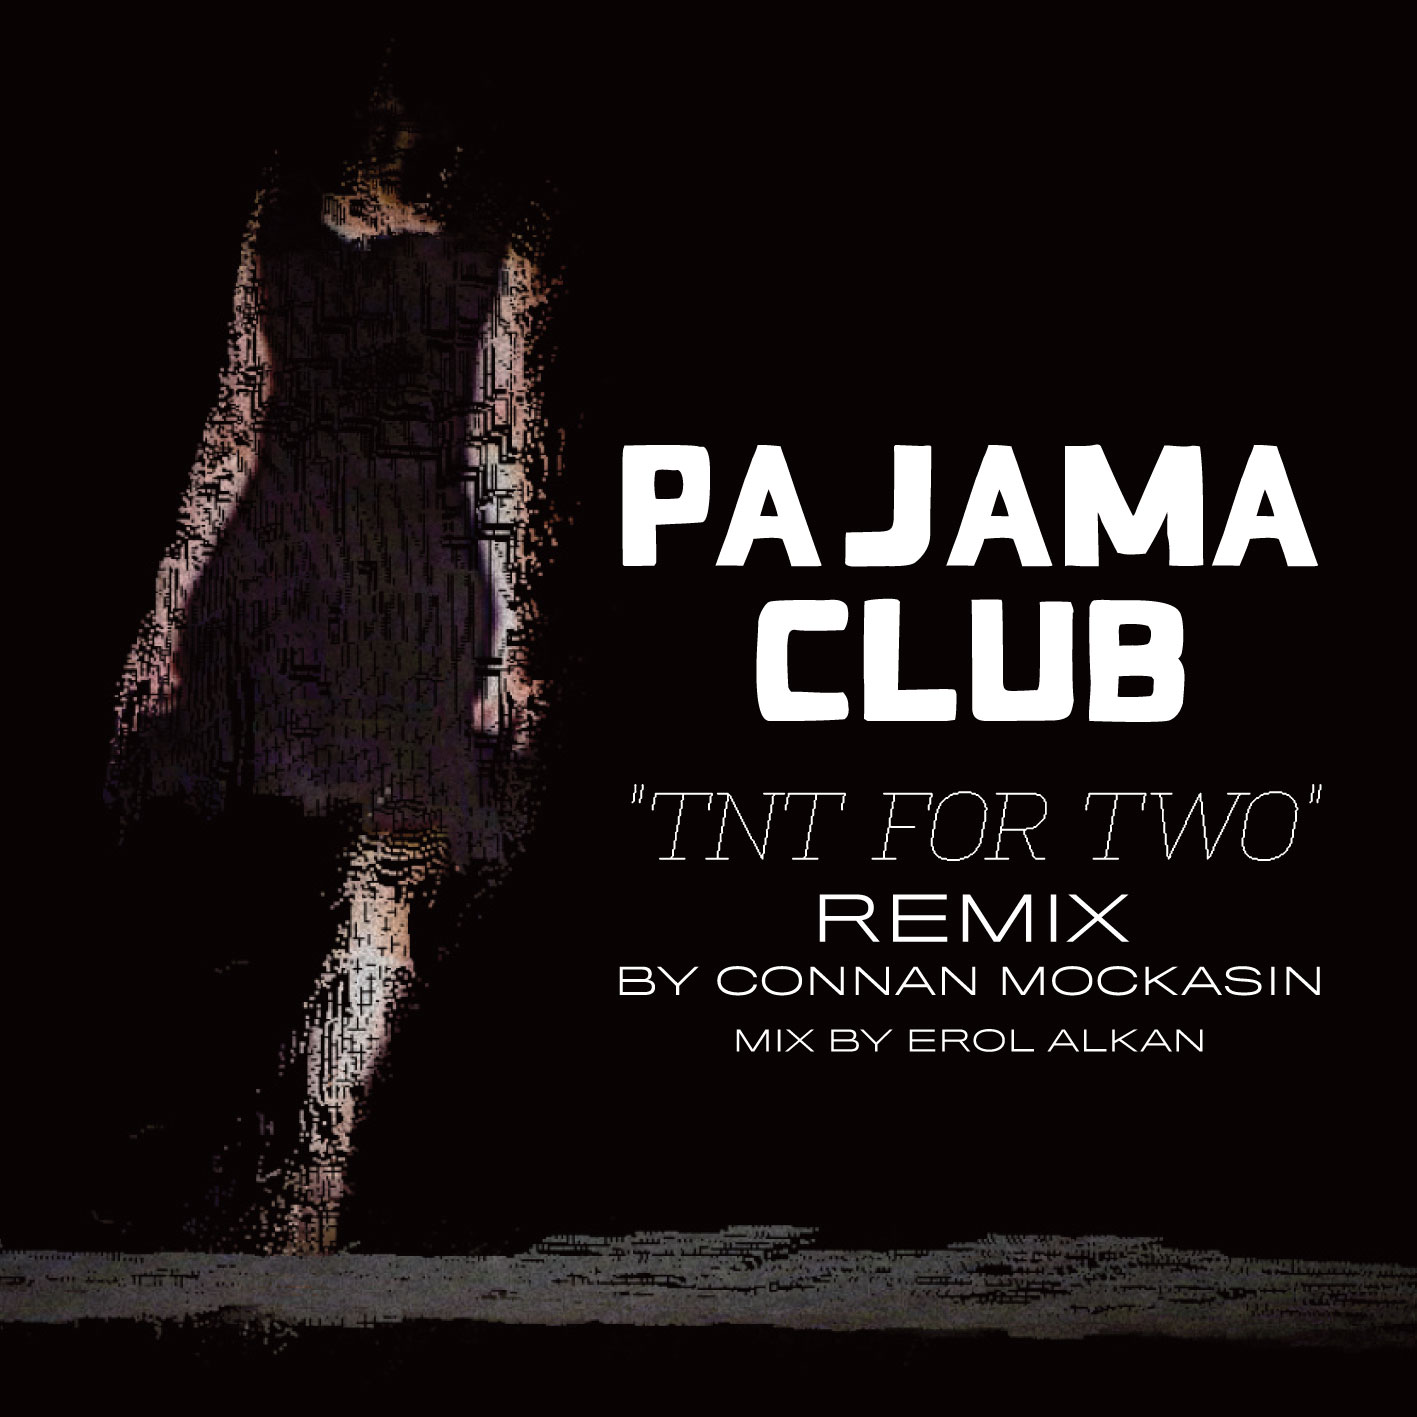 Pajama Club - TNT For Two Remix